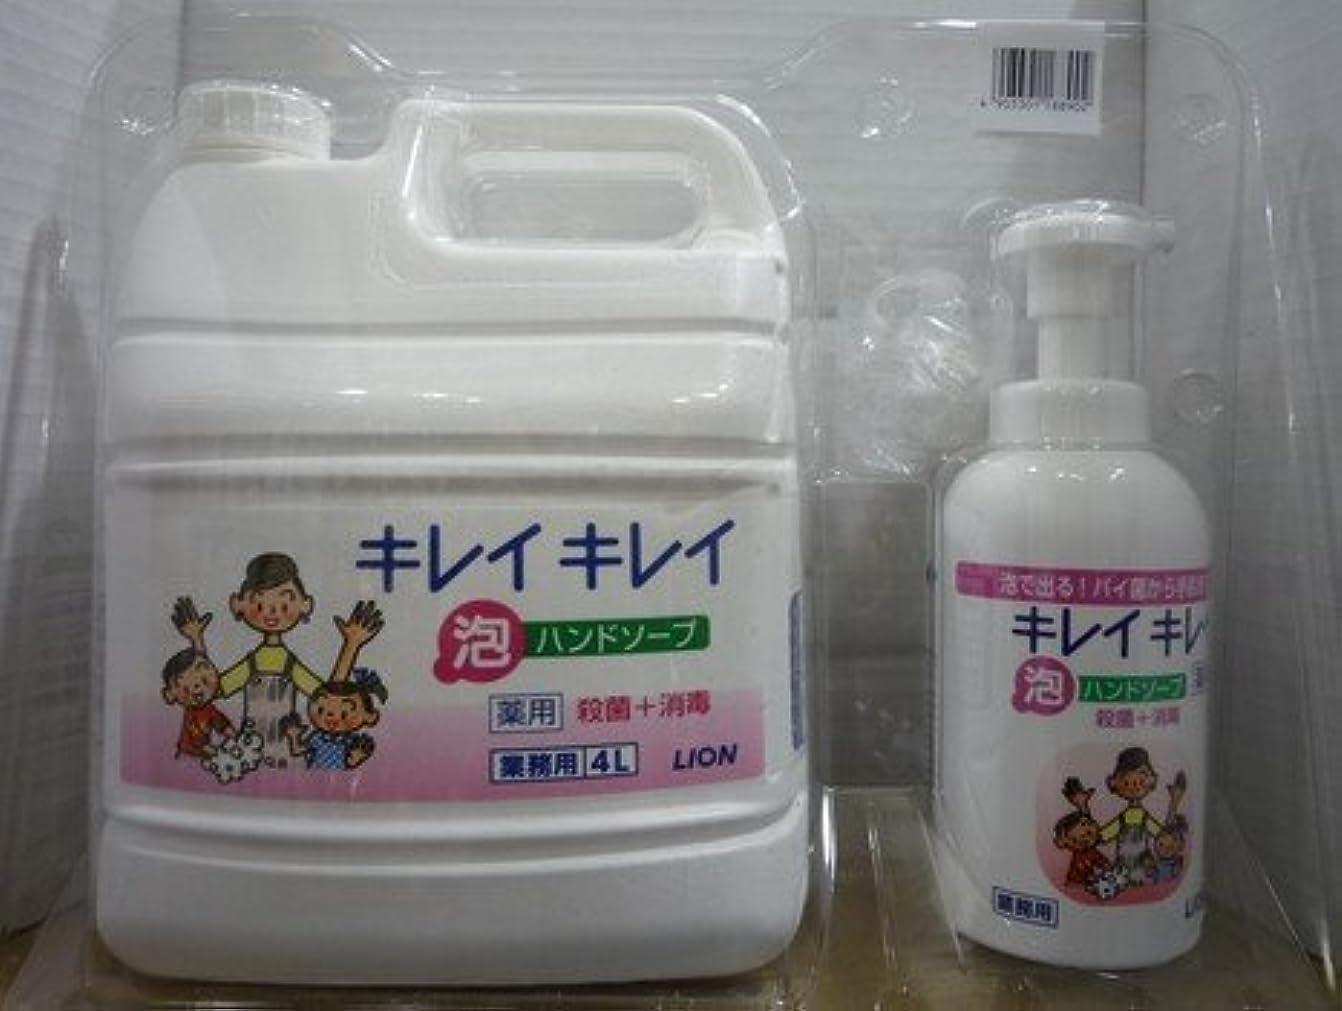 水族館専門親指キレイキレイ 薬用泡ハンドソープ 業務用 4L+キレイキレイ 薬用泡ハンドソープボトル550ml